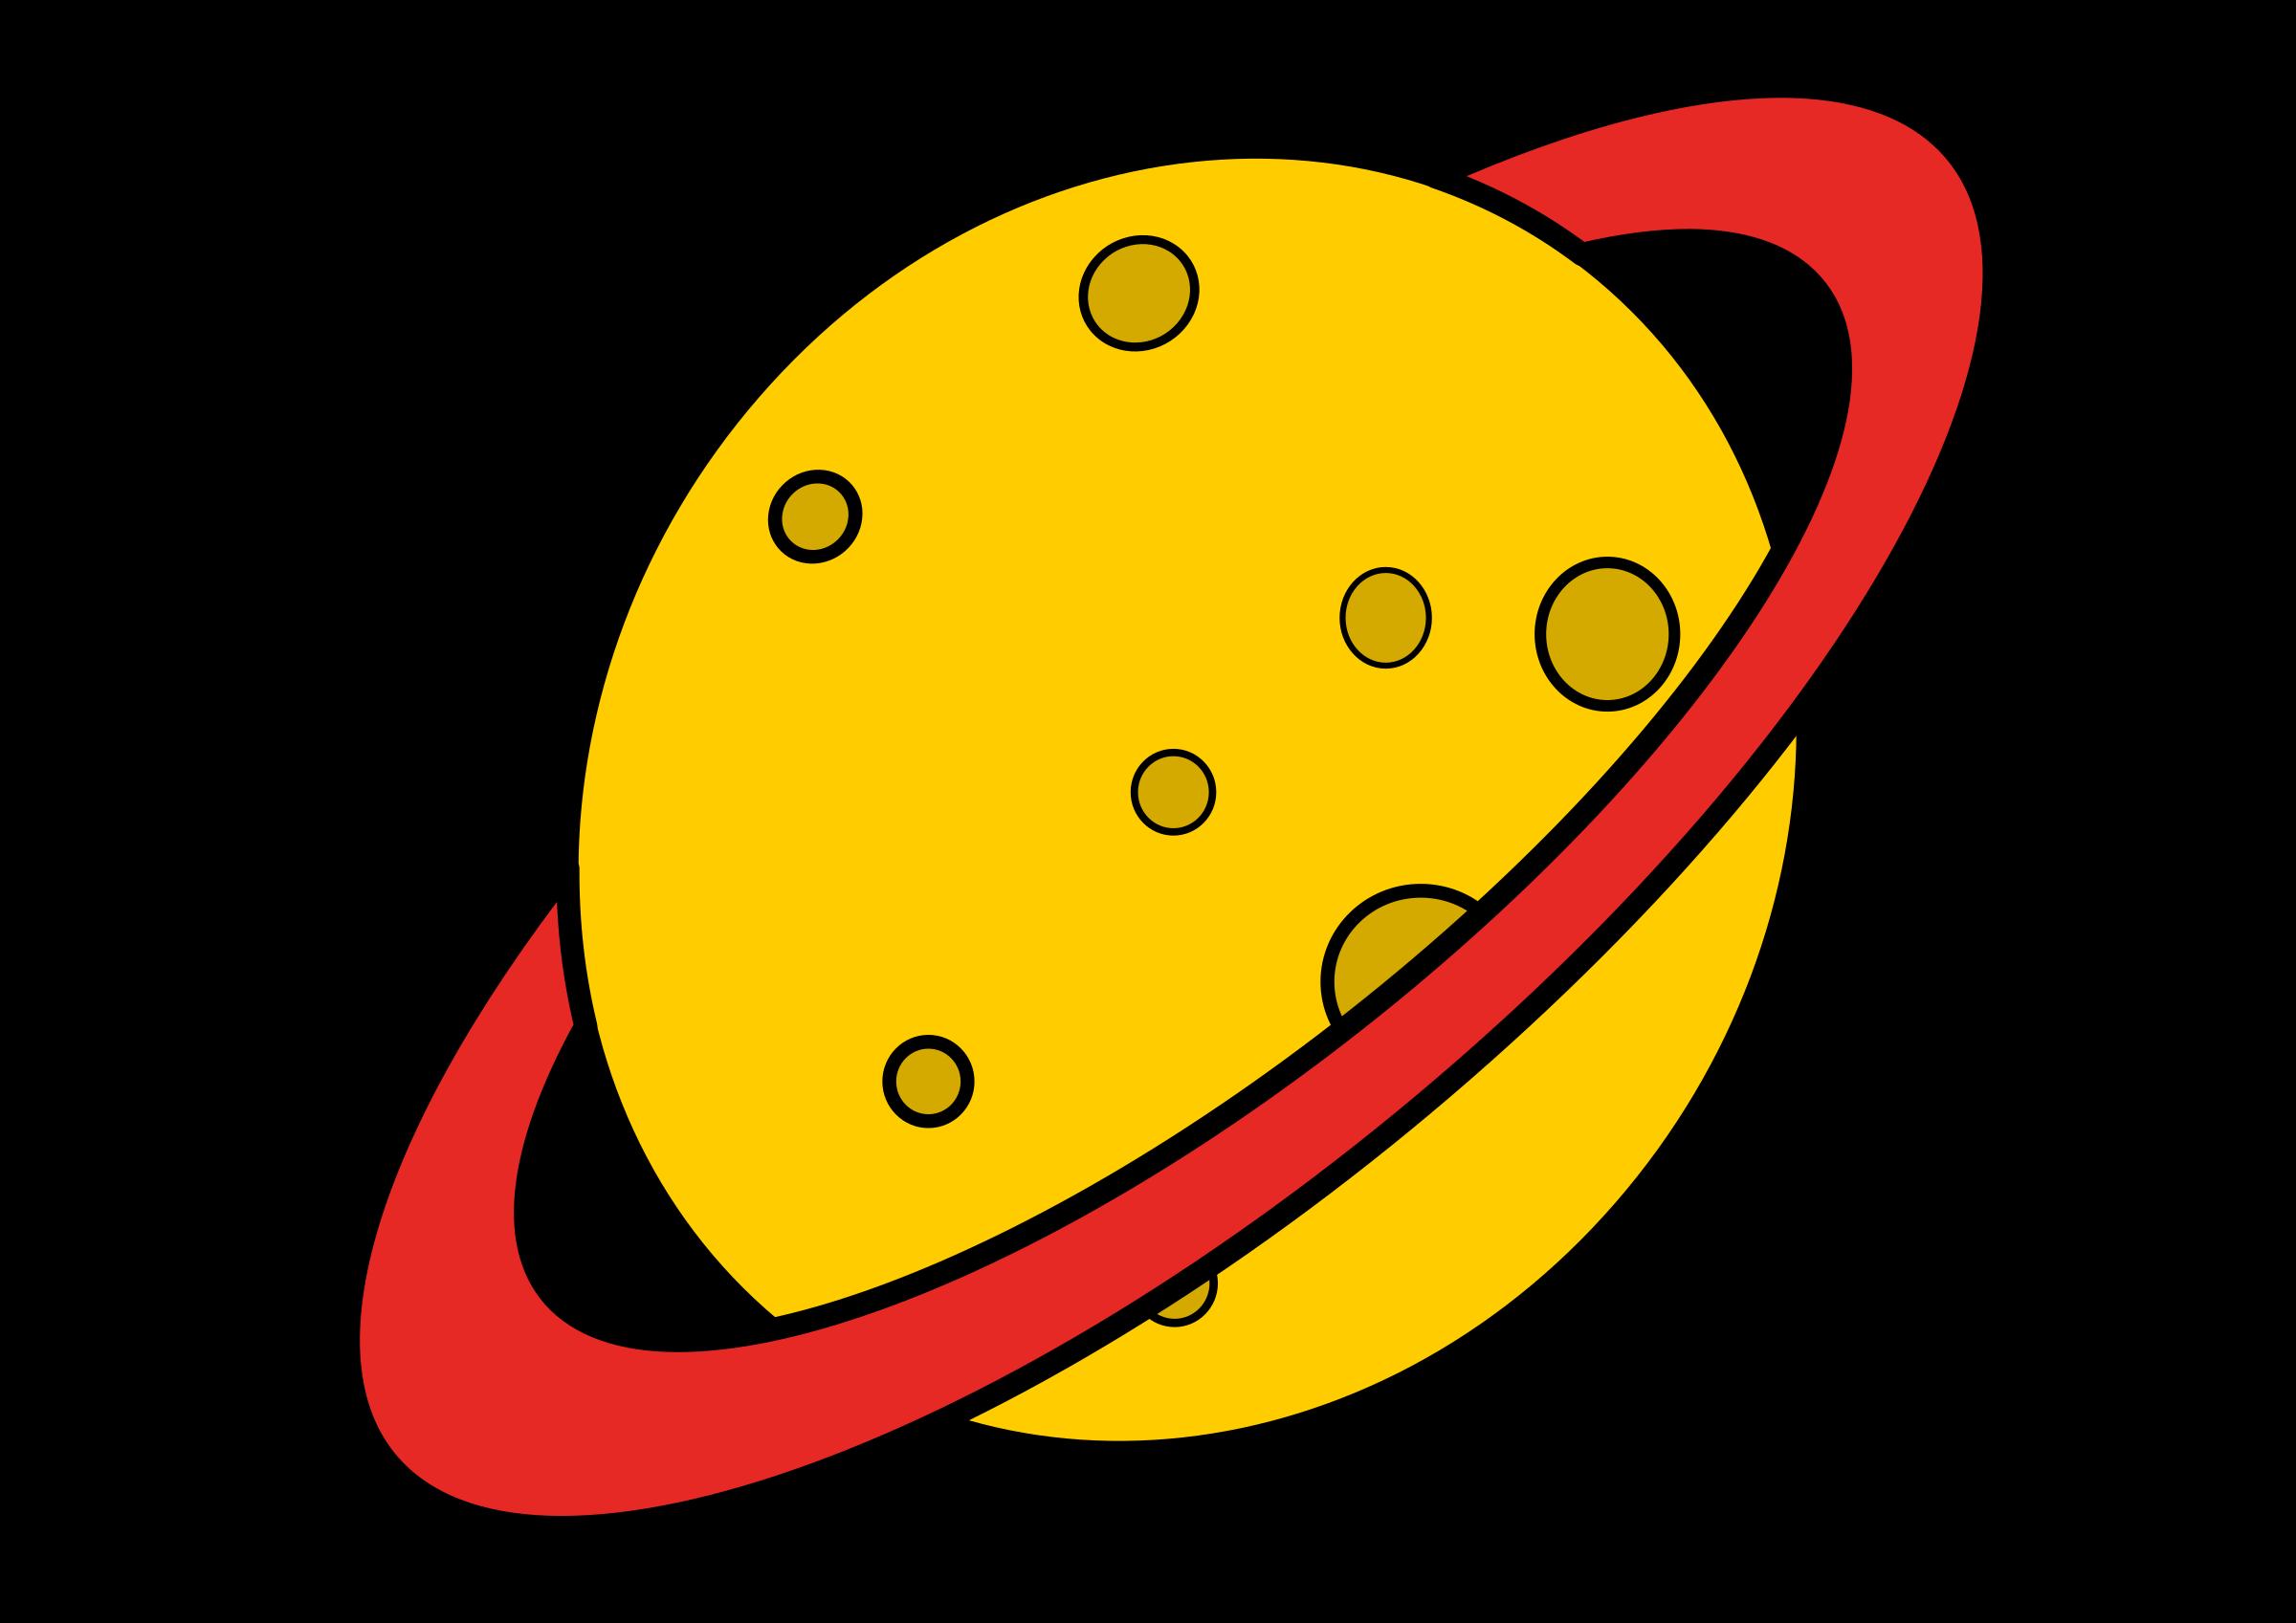 Planeten clipart adobe illustrator. Planet el espacio frames